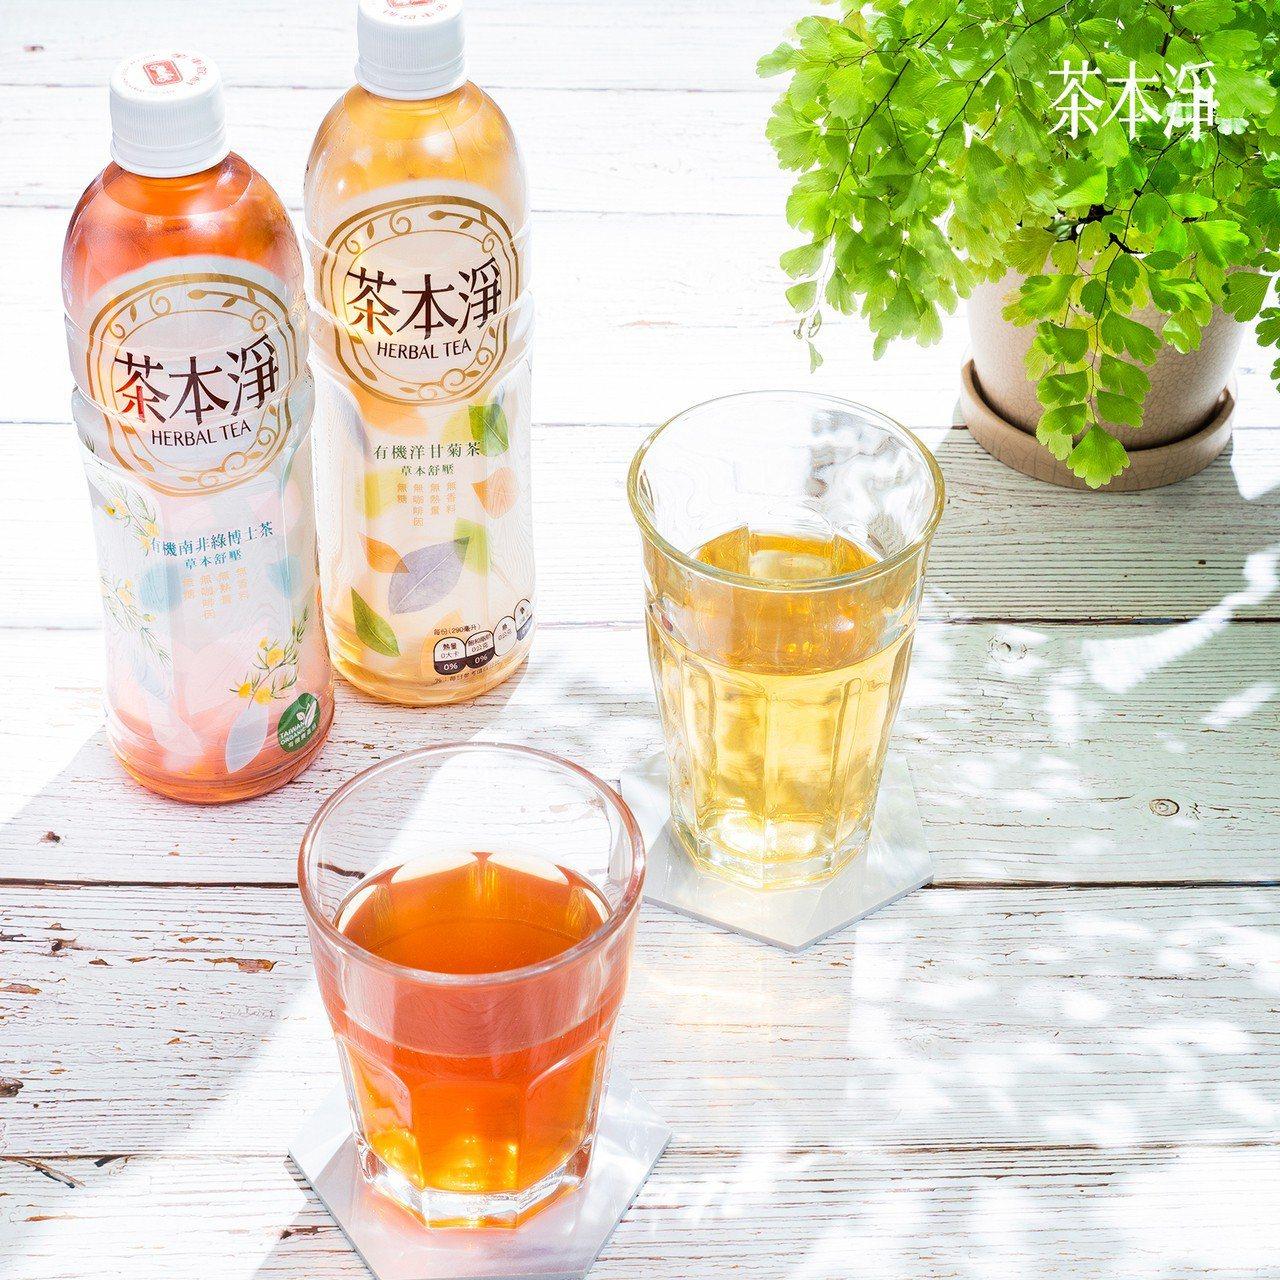 茶本淨「有機洋甘菊茶」、「有機南非綠博士茶」建議售價每罐28元。圖/金車提供